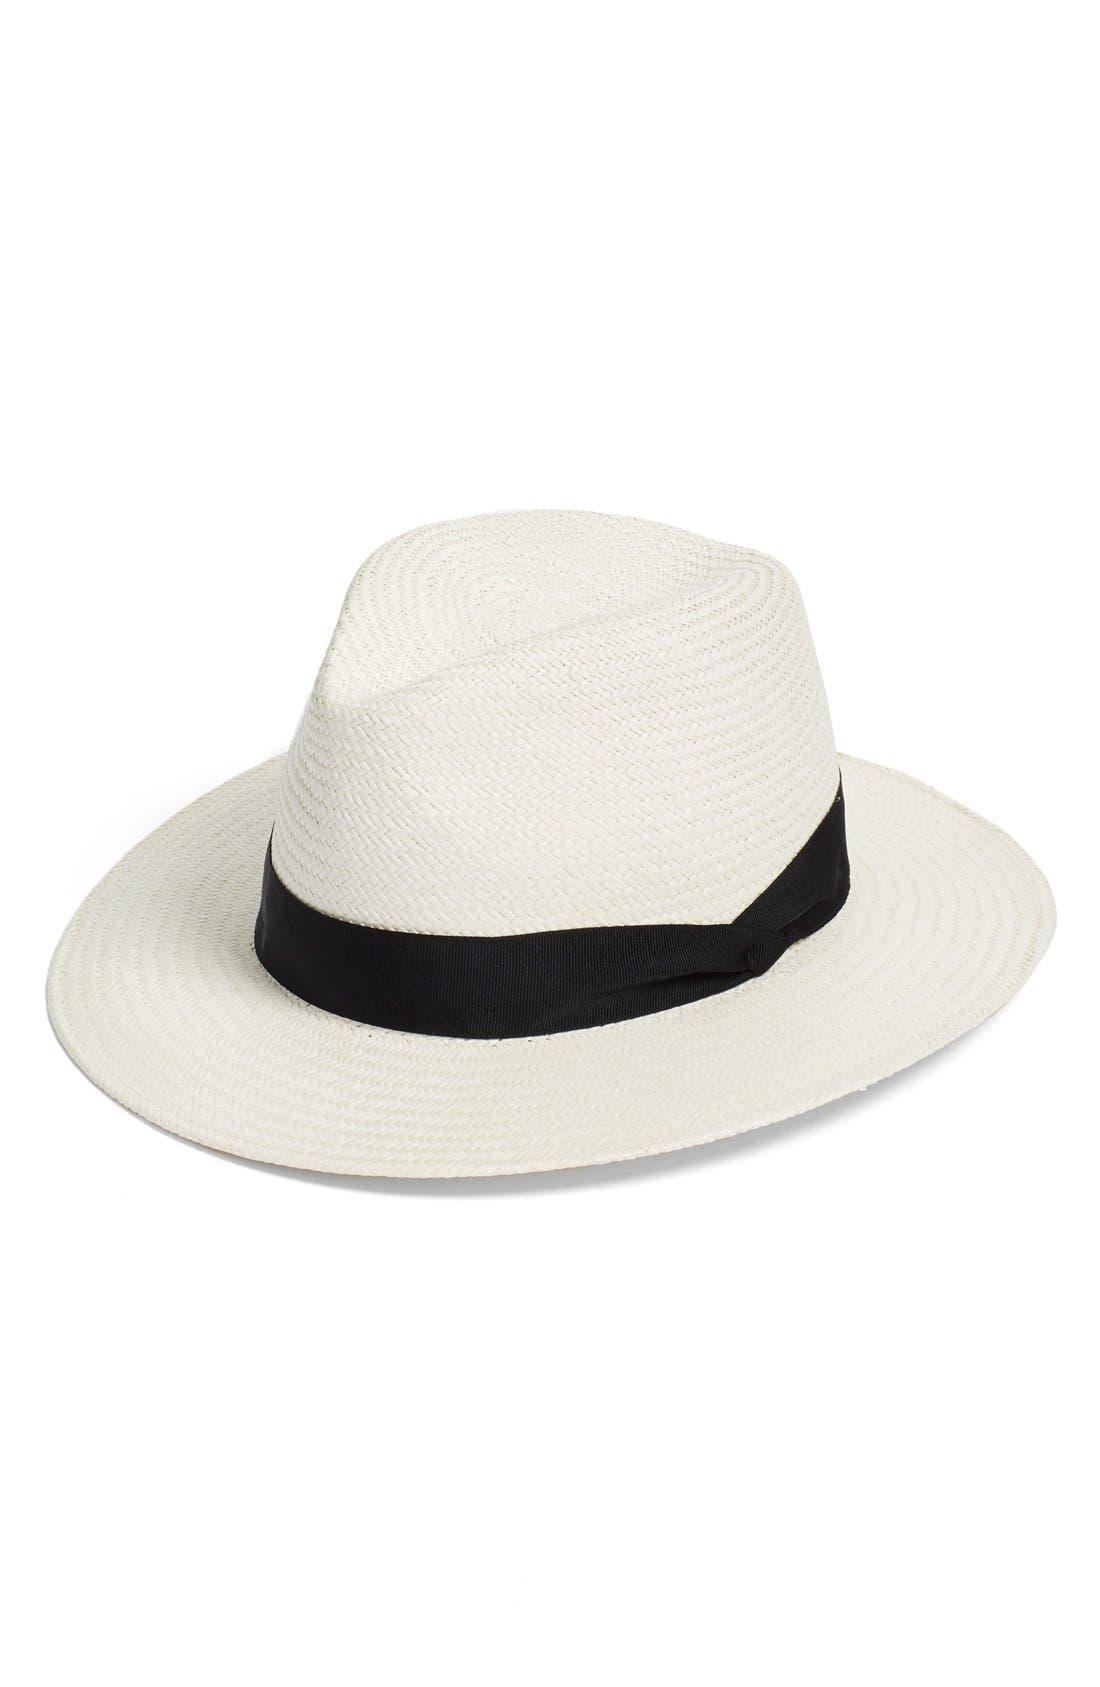 Straw Panama Hat,                             Main thumbnail 1, color,